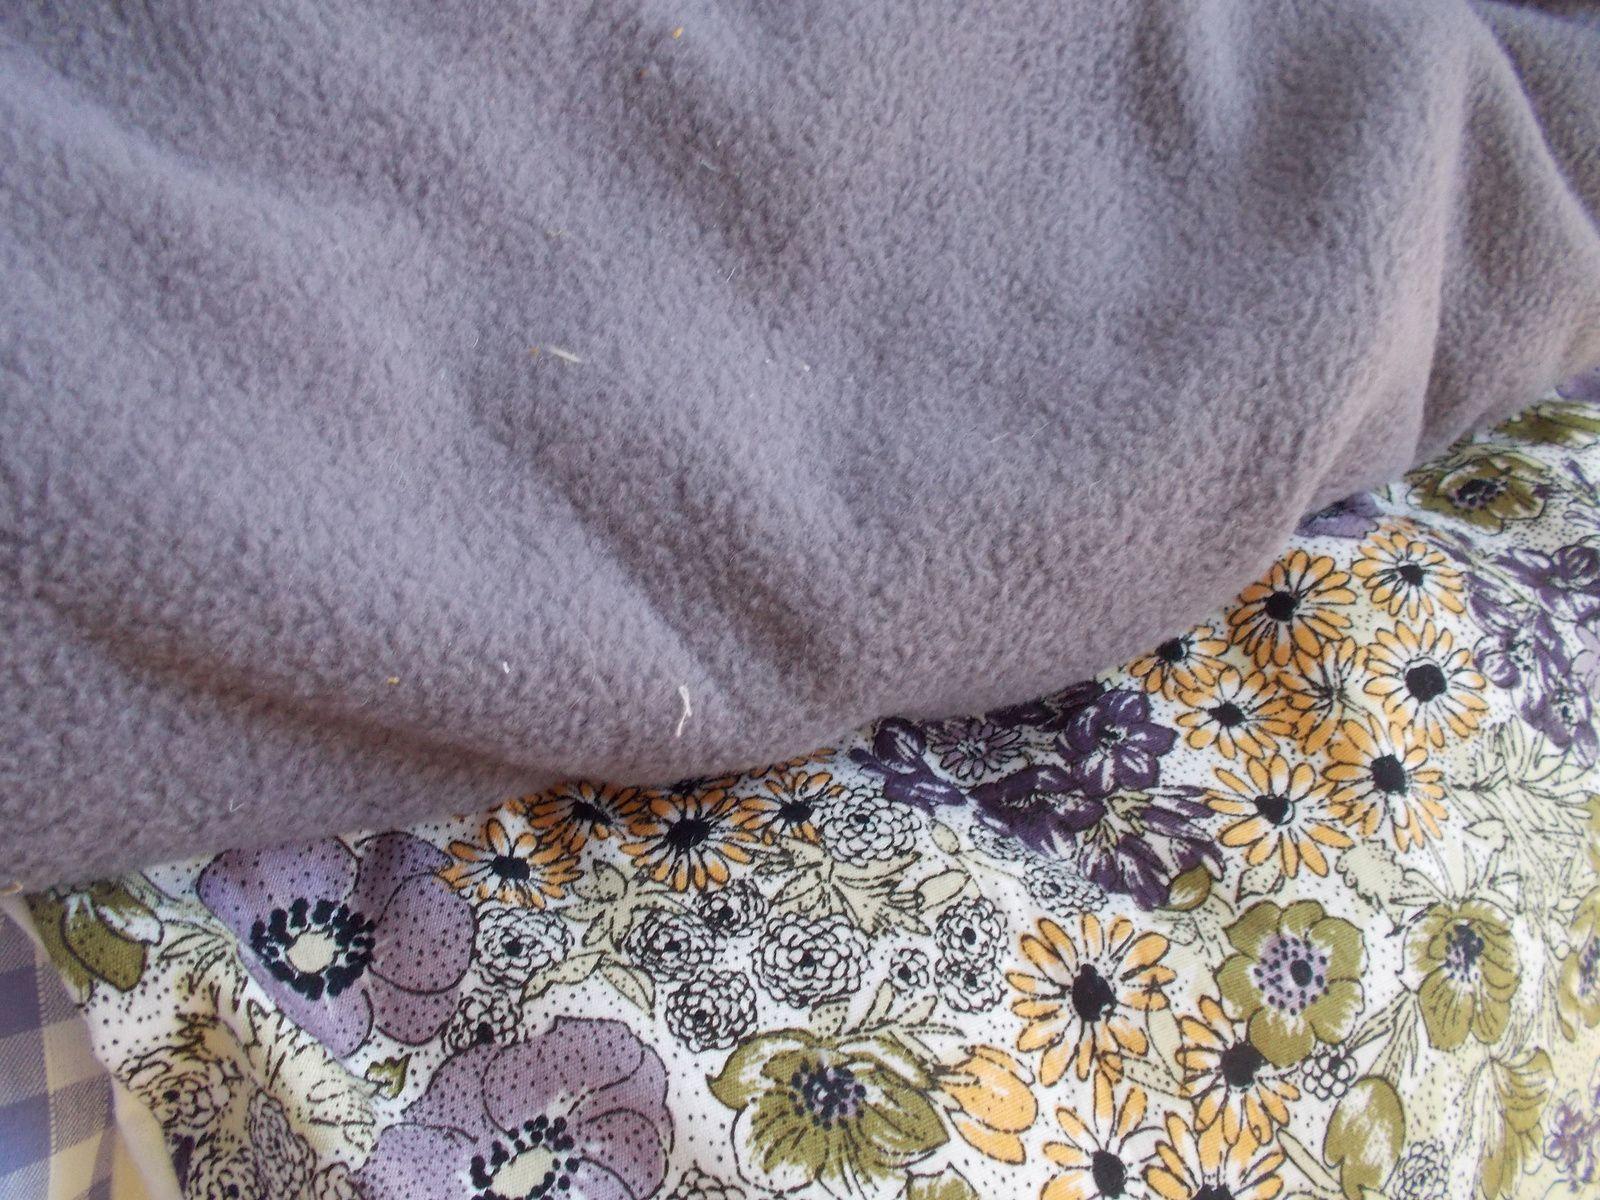 voici mon super tapis, je l'ai dessine il y a plusieurs mois, il ne me manquait que l'occasion. Un tapis rond à petales.